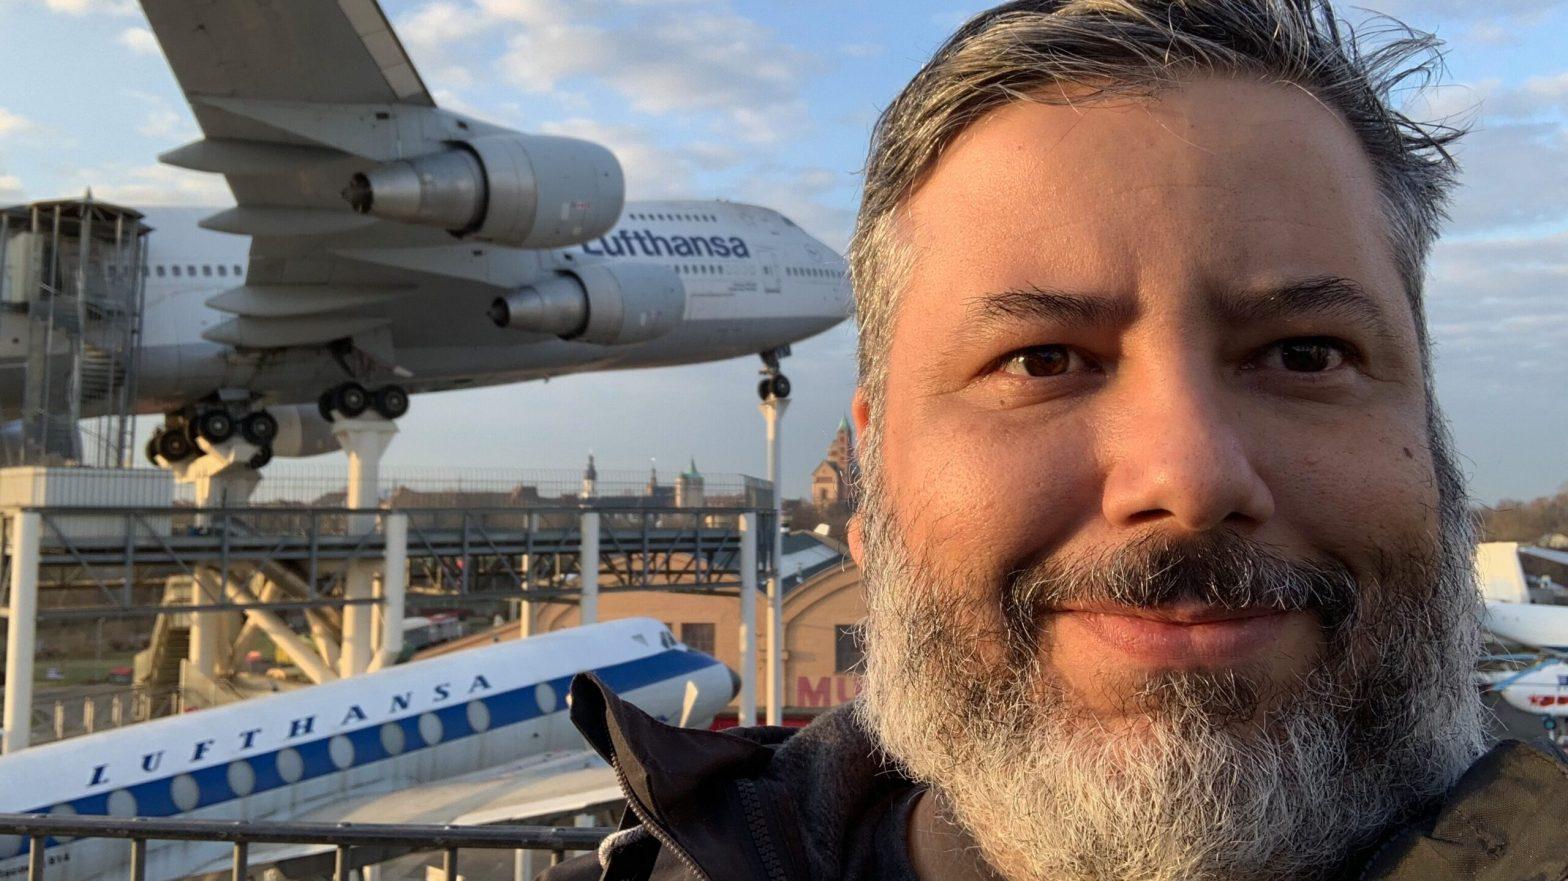 Uma foto minha no museu de tecnologia na Alemanha. Aparece um avião da Lufthansa em exposição no fundo da foto